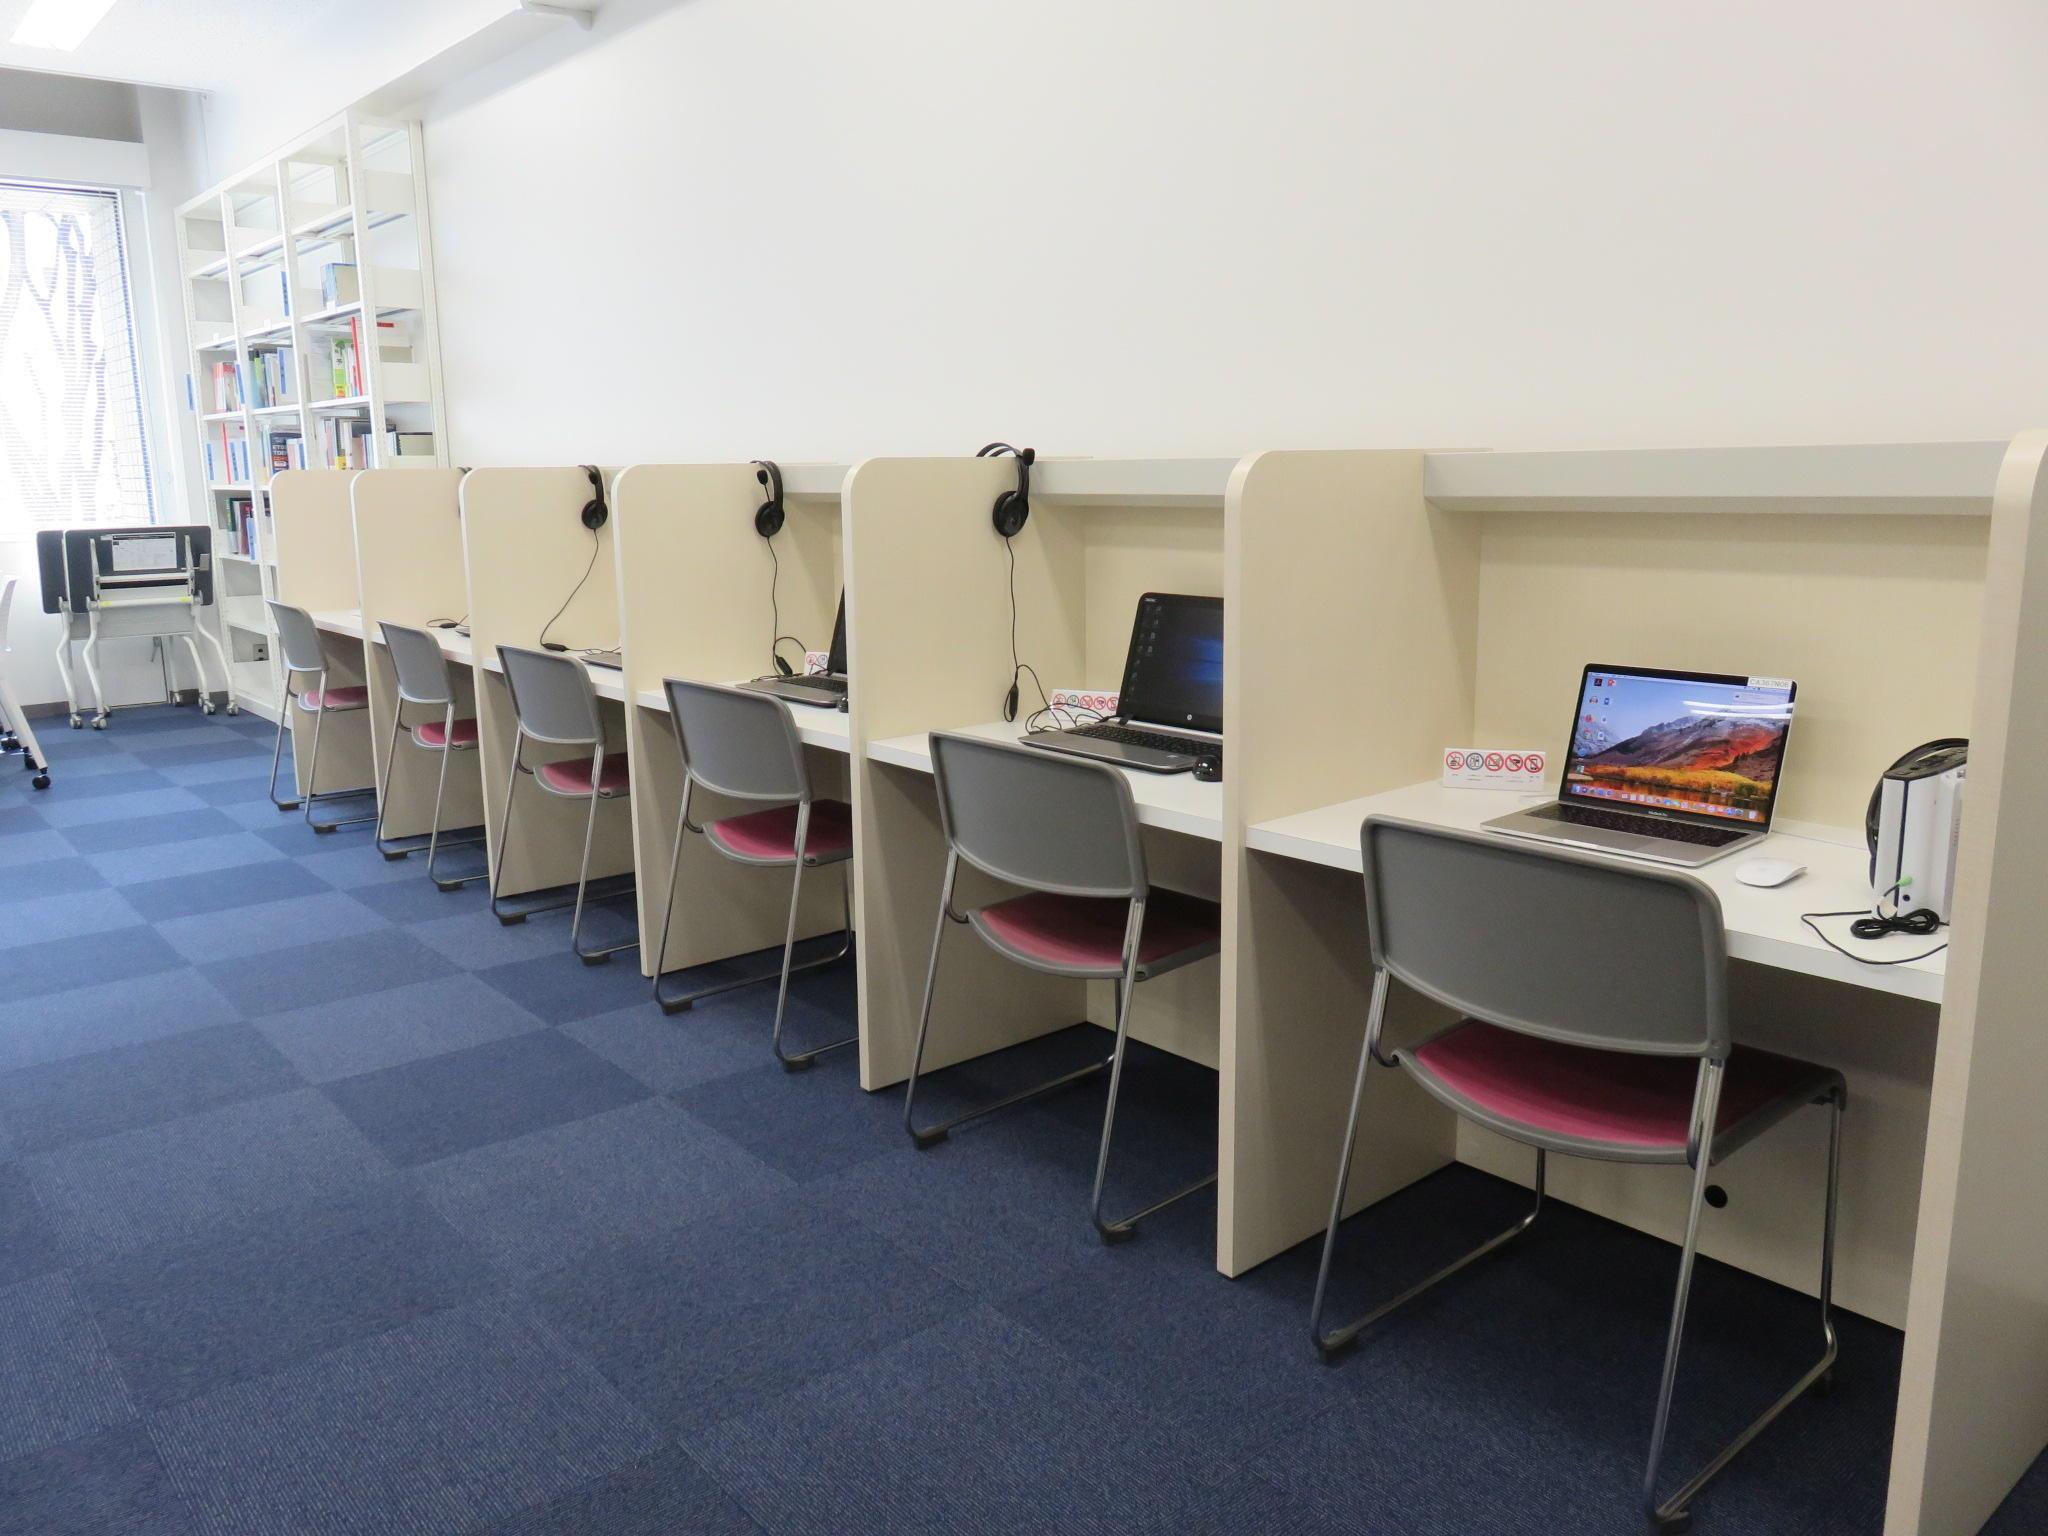 大妻女子大学が千代田キャンパスの「英語教育研究所」を移転オープン -- 自習室を併設し、5月からは学習相談も実施